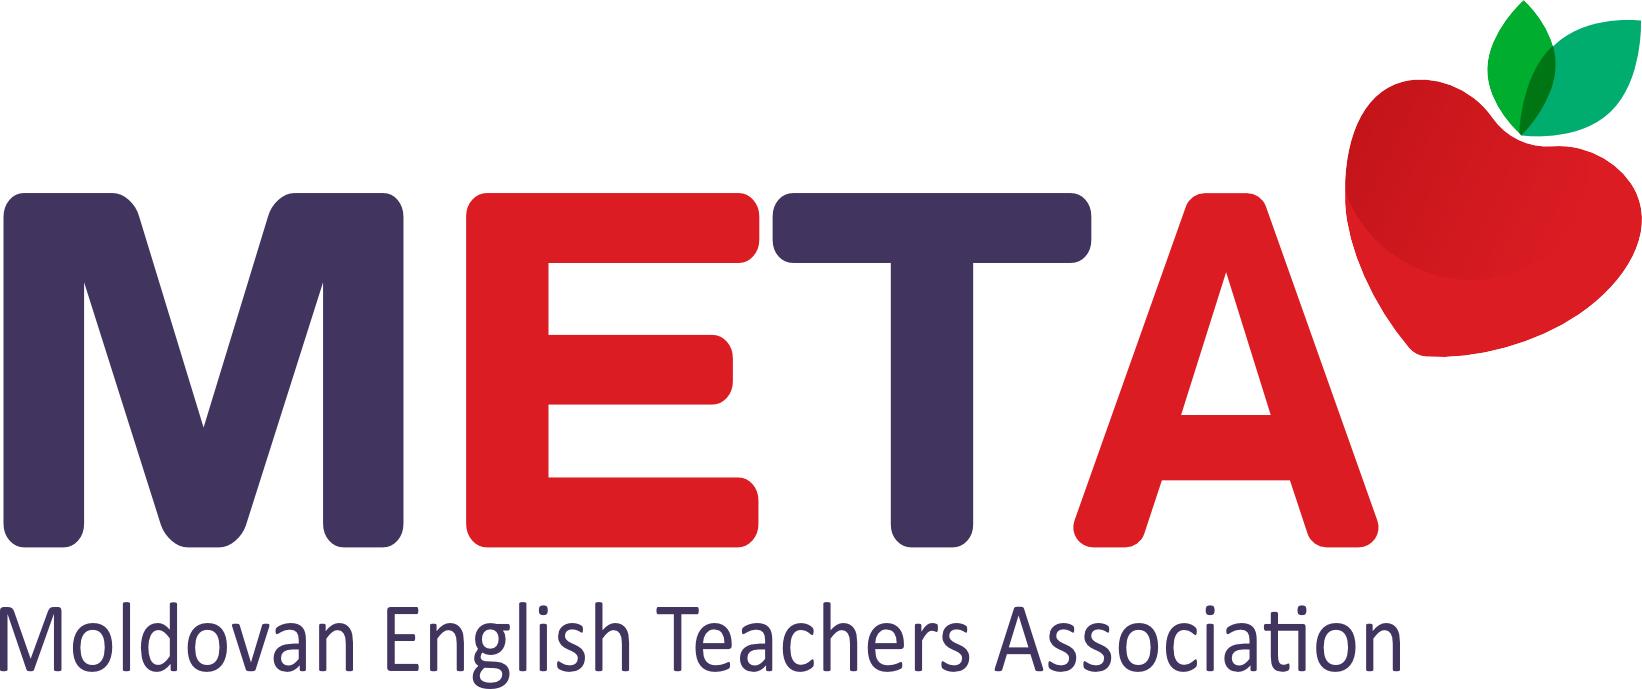 META Moldova - We love teaching